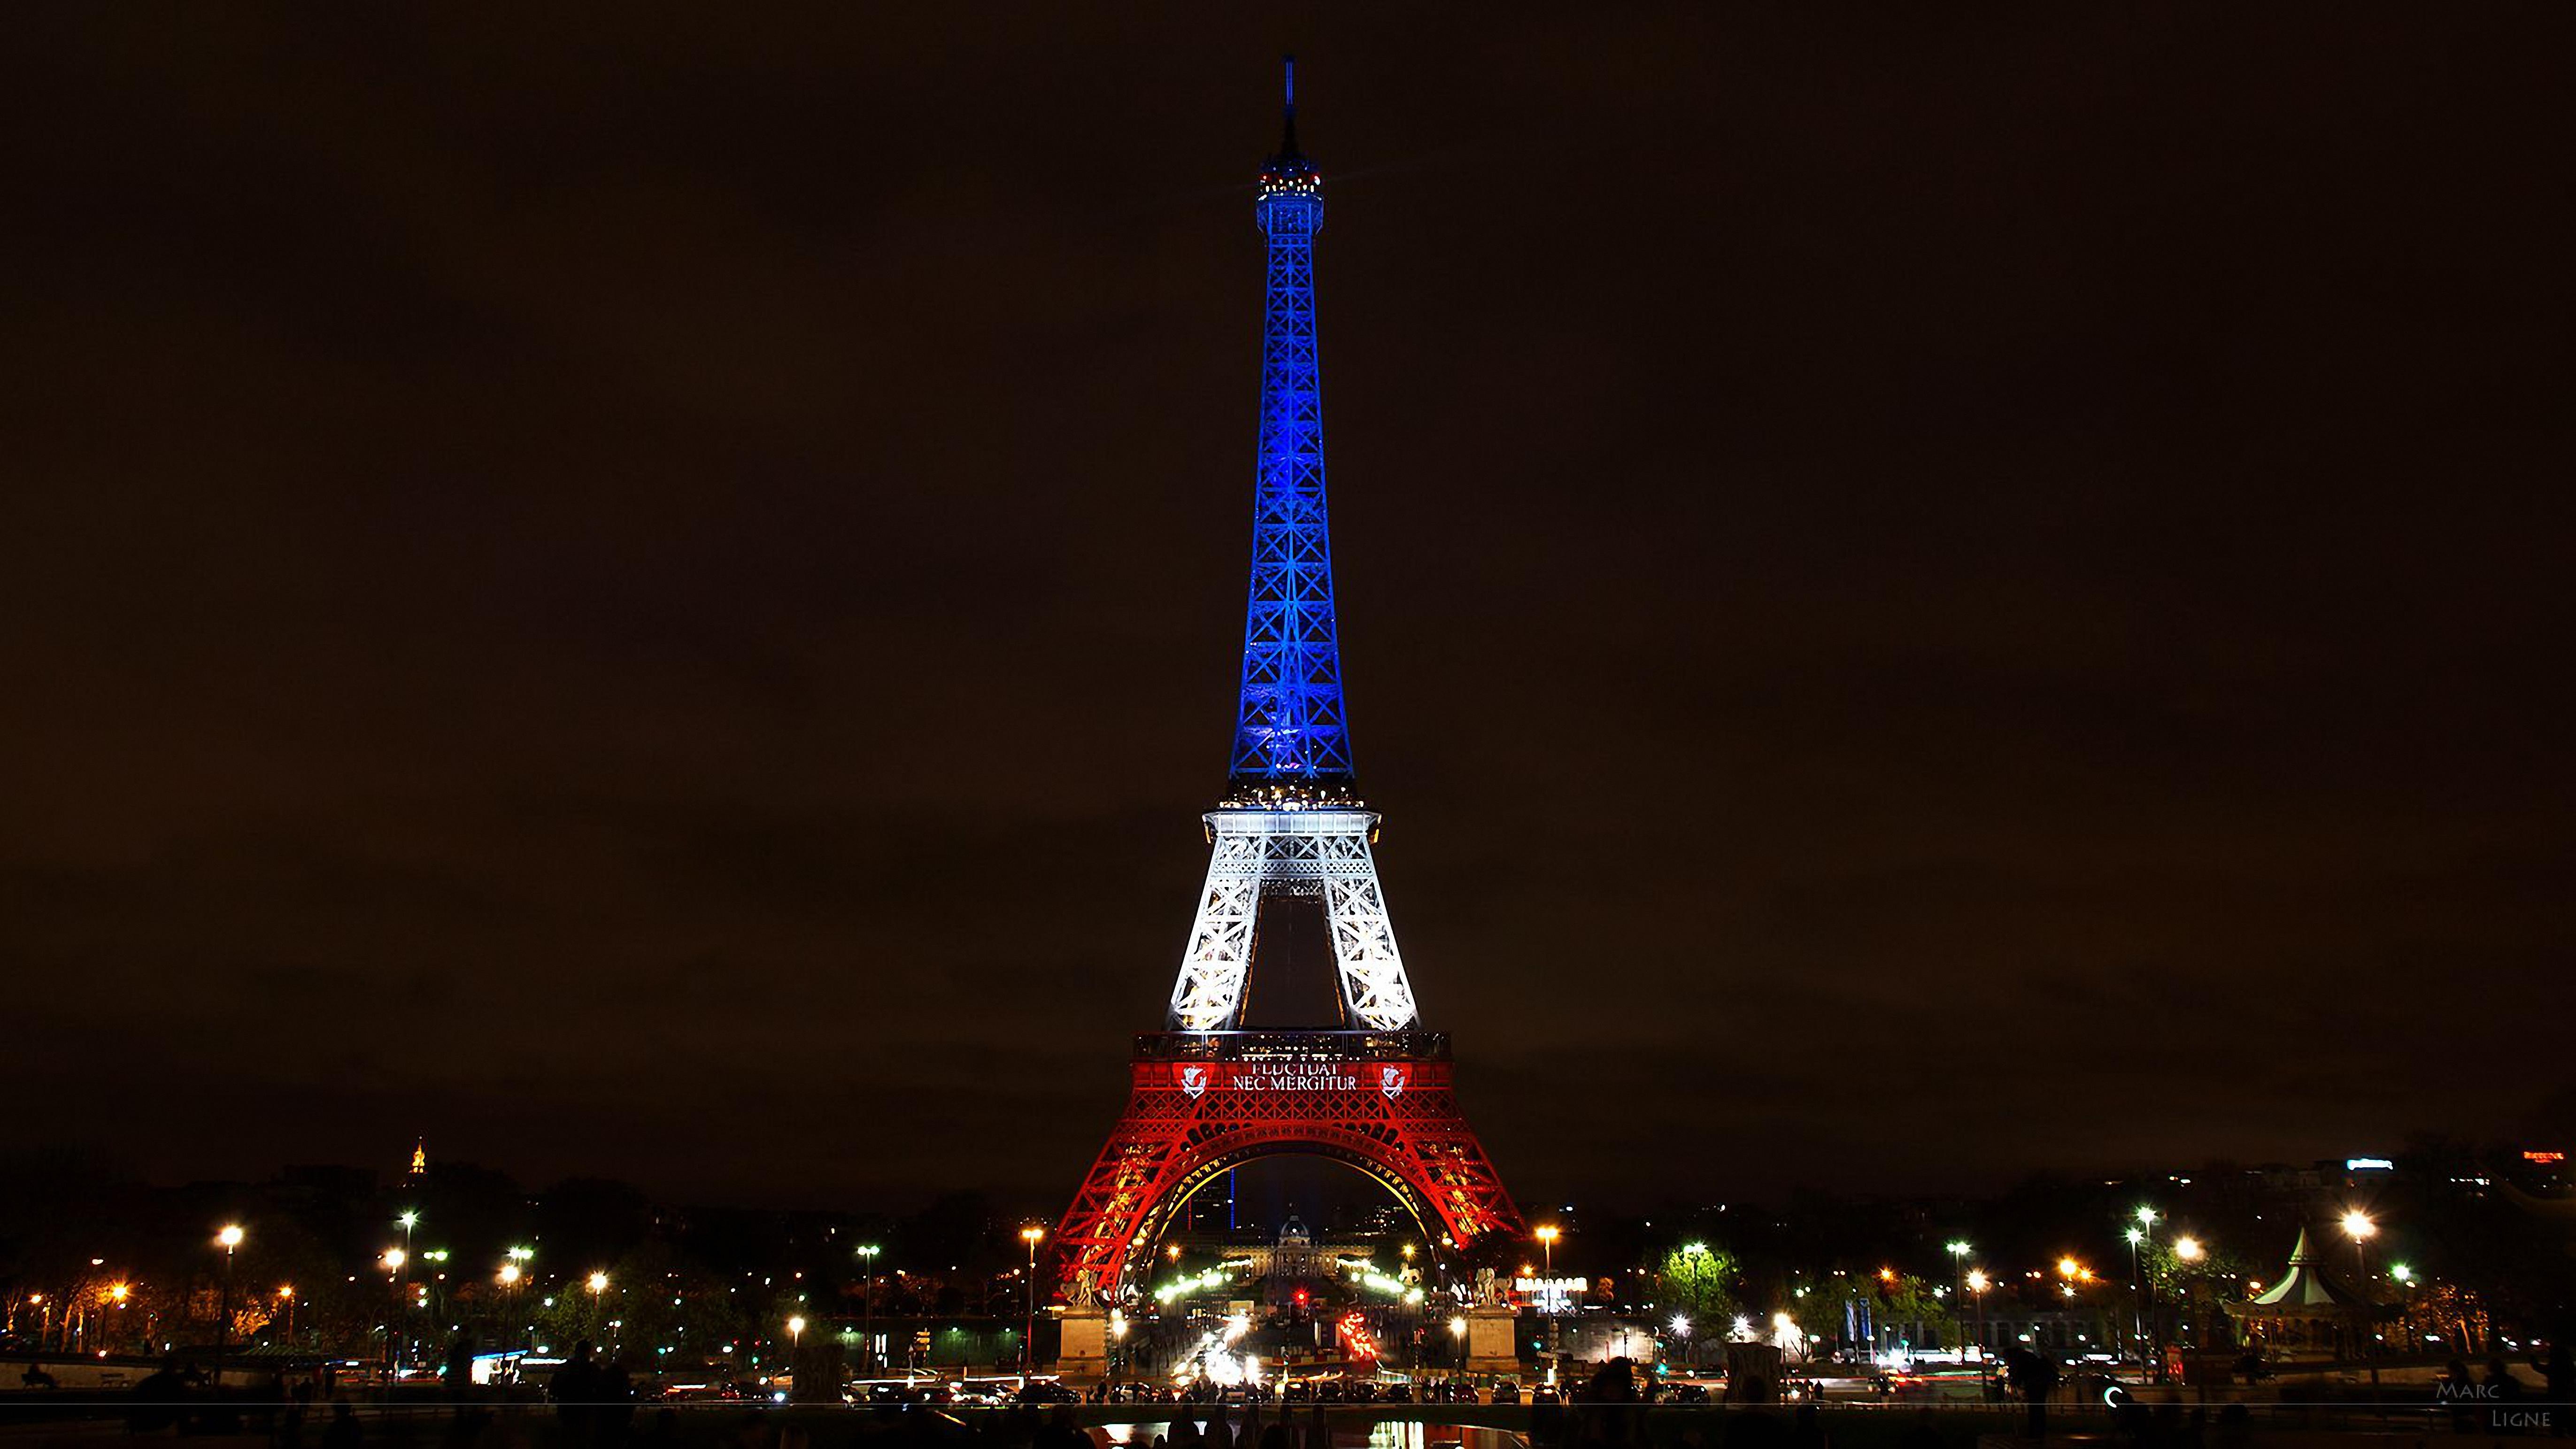 сильны обои на телефон эйфелева башня ночью свет звезд